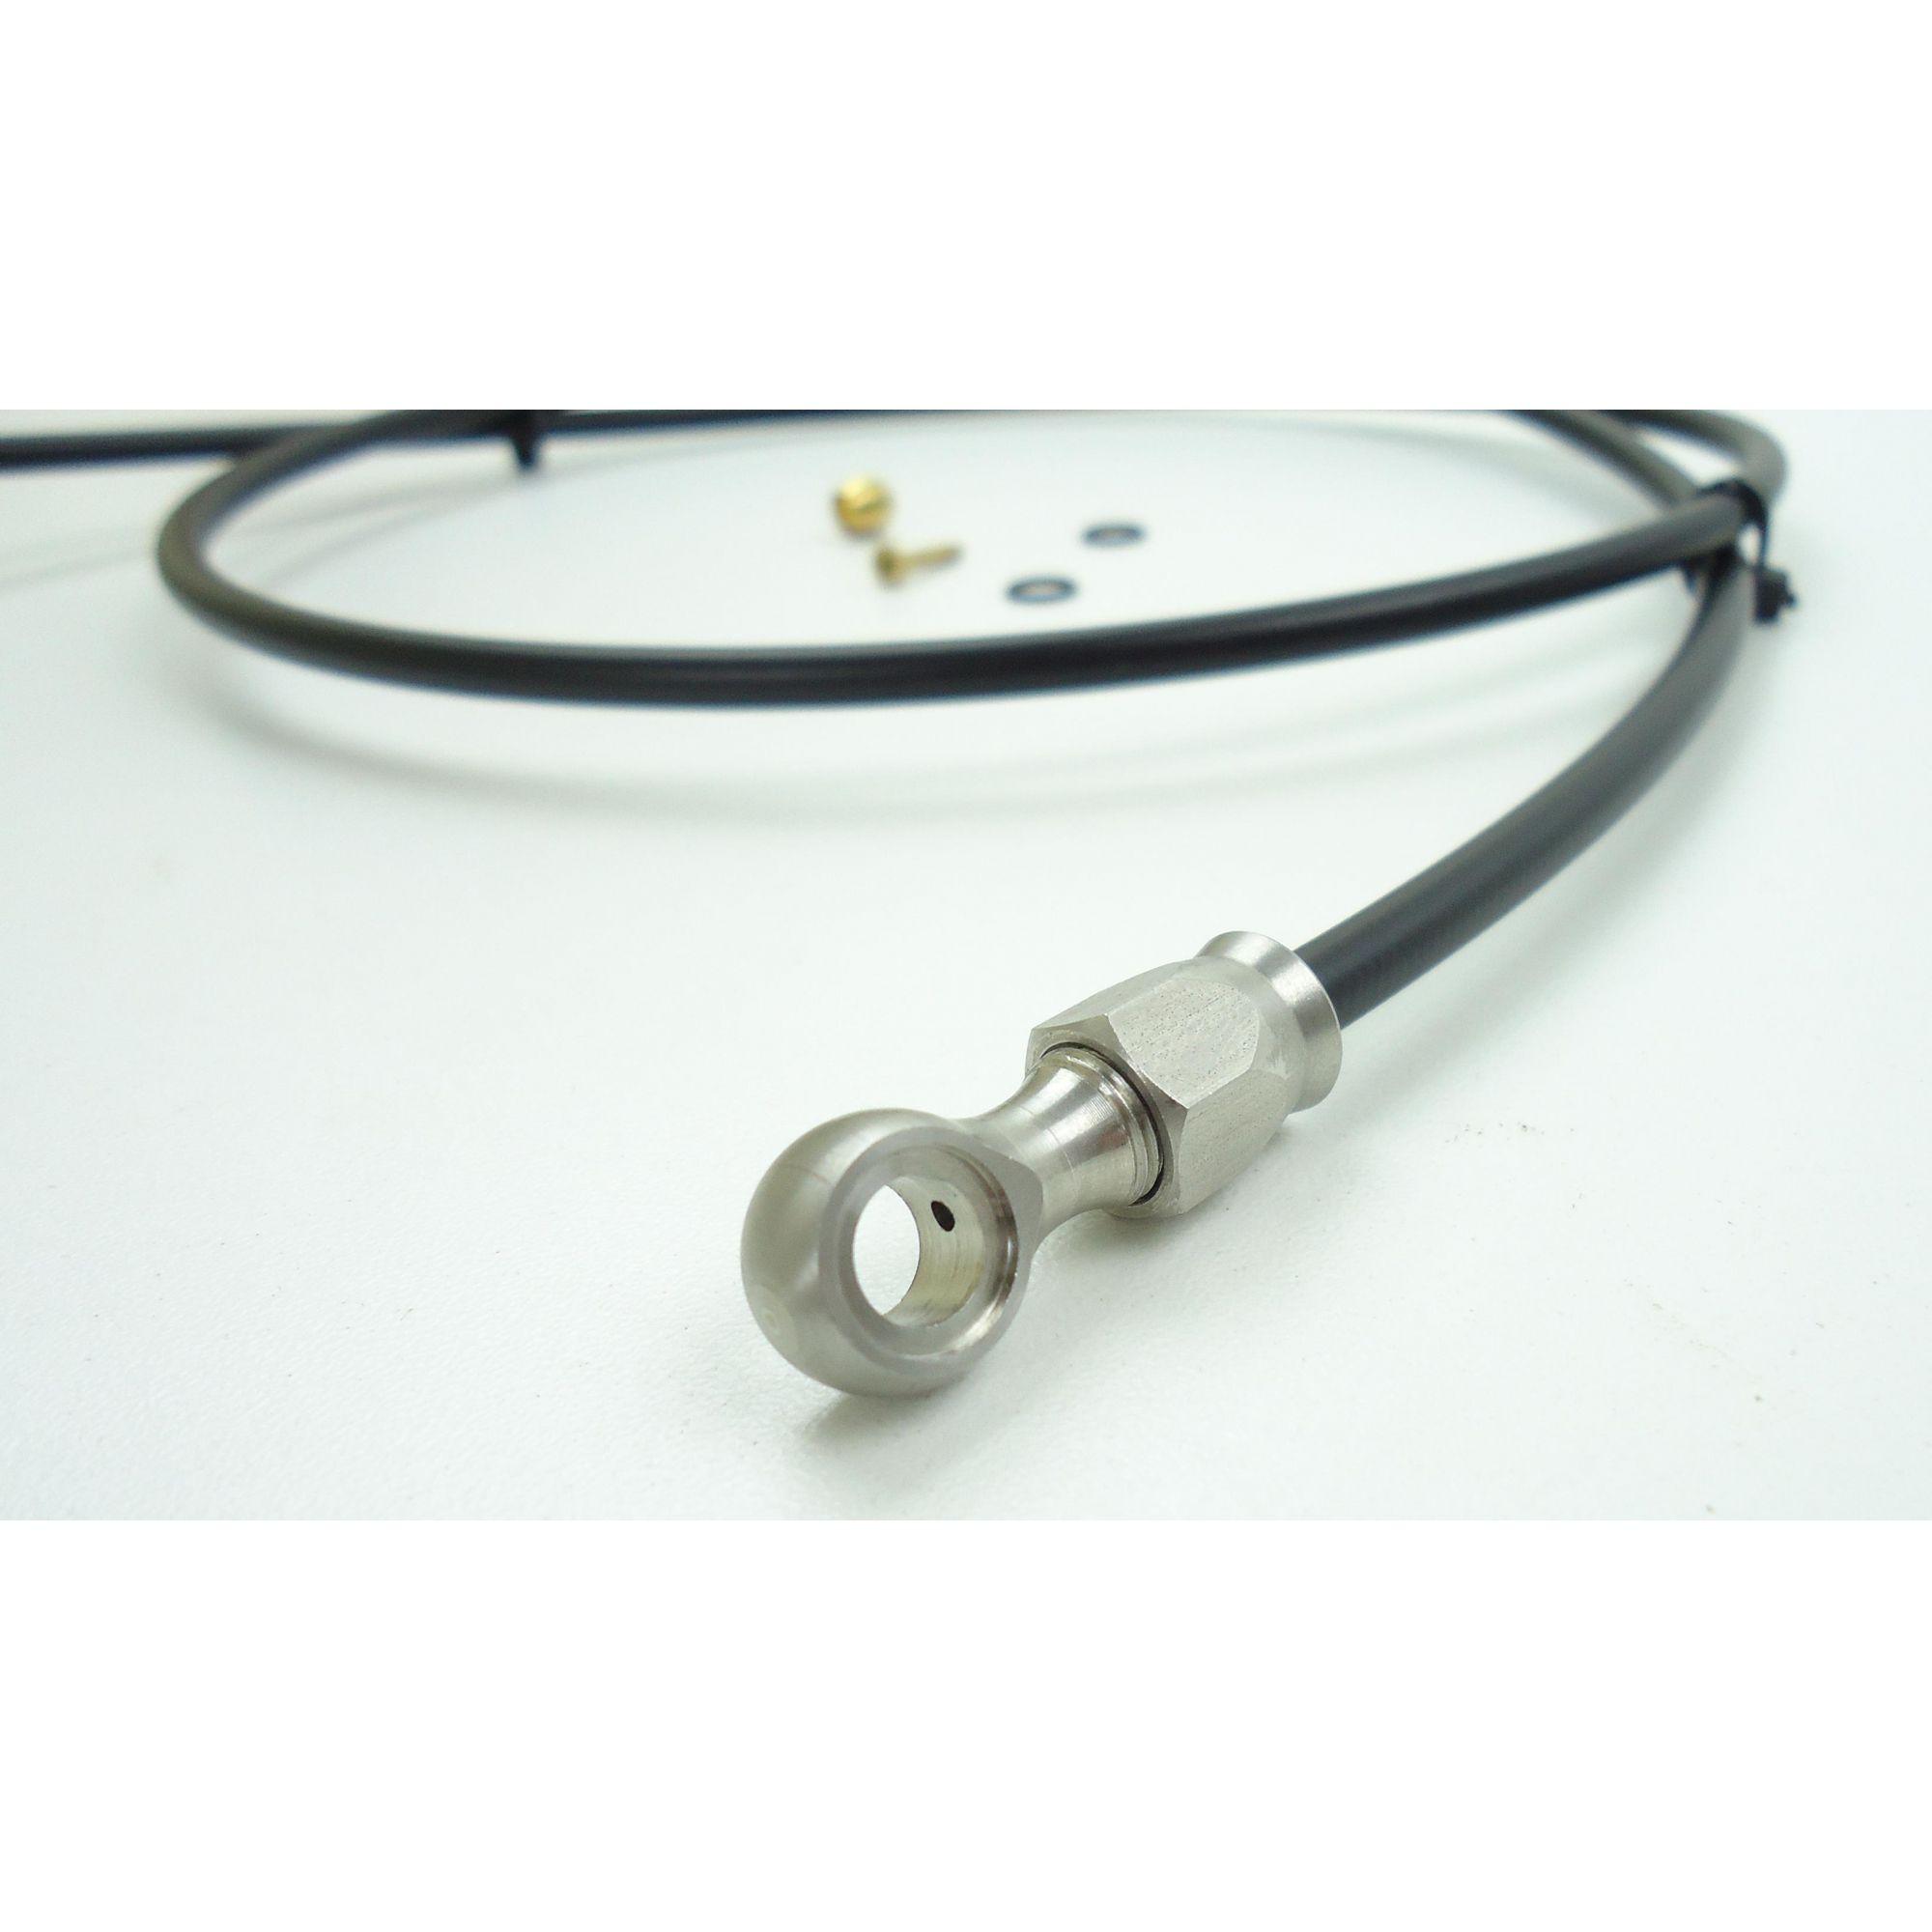 Mangueiras De Freio Hidraulico para Shimano SLX M675 M7000 XT M785 M8000 XTR M985 M987 M9000 Dianteiro e Traseiro